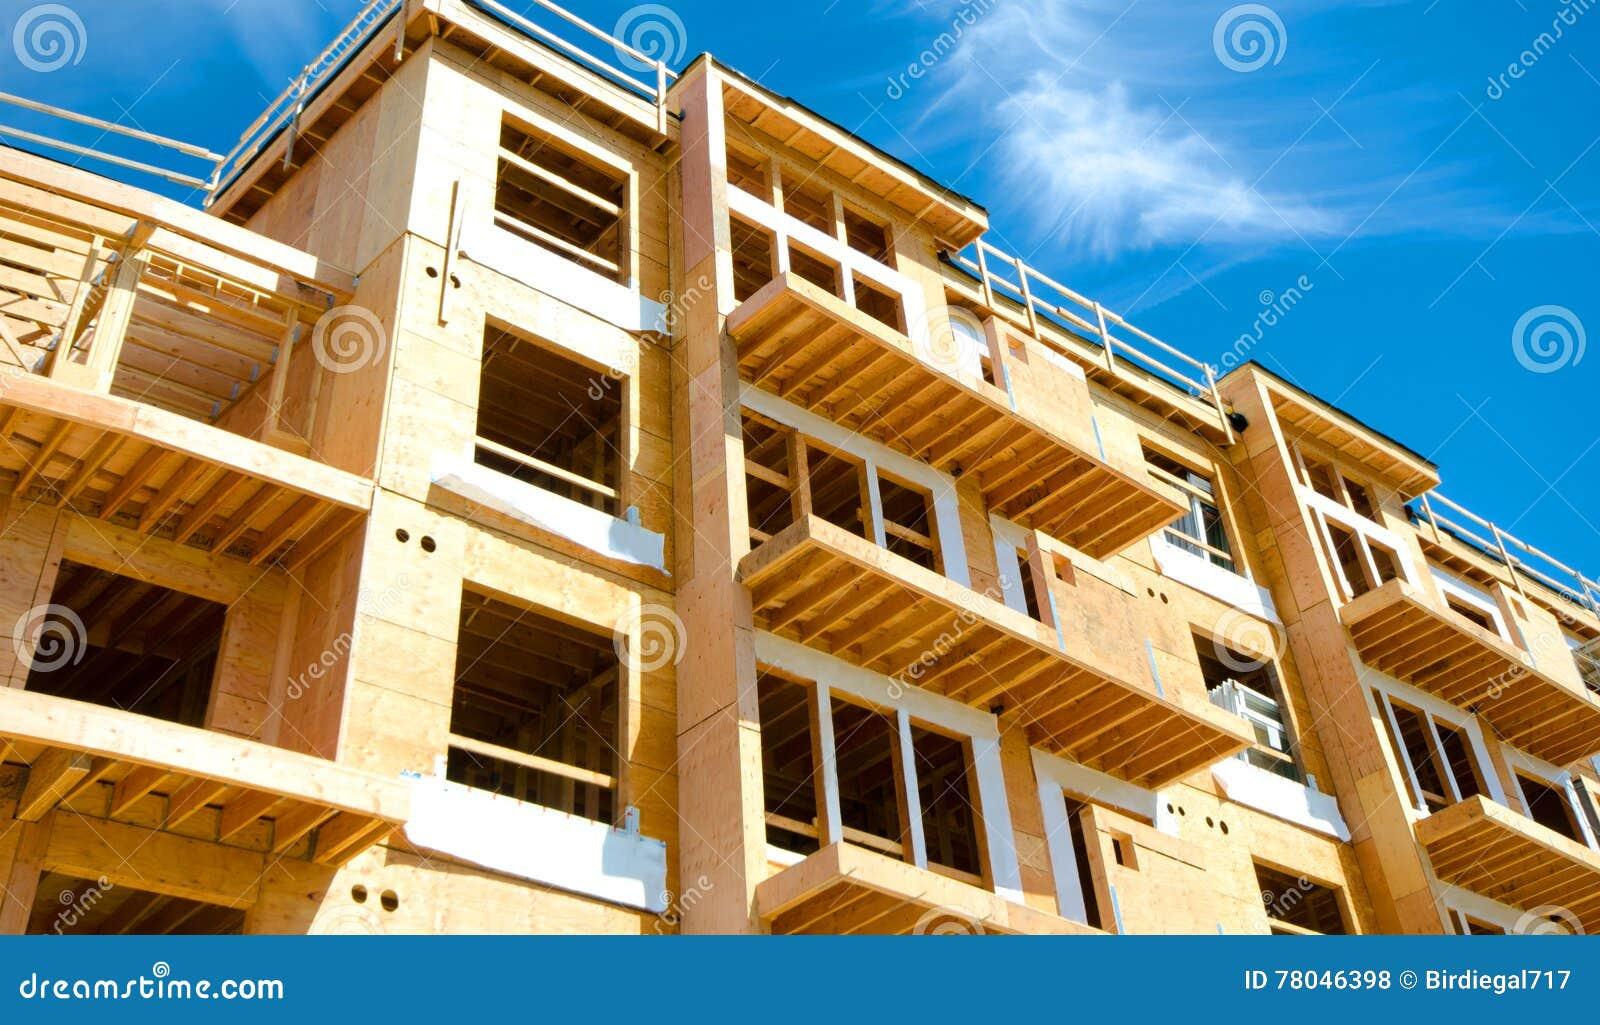 Complejo de condominio del apartamento, construcción de madera del marco, Victoria, Canadá